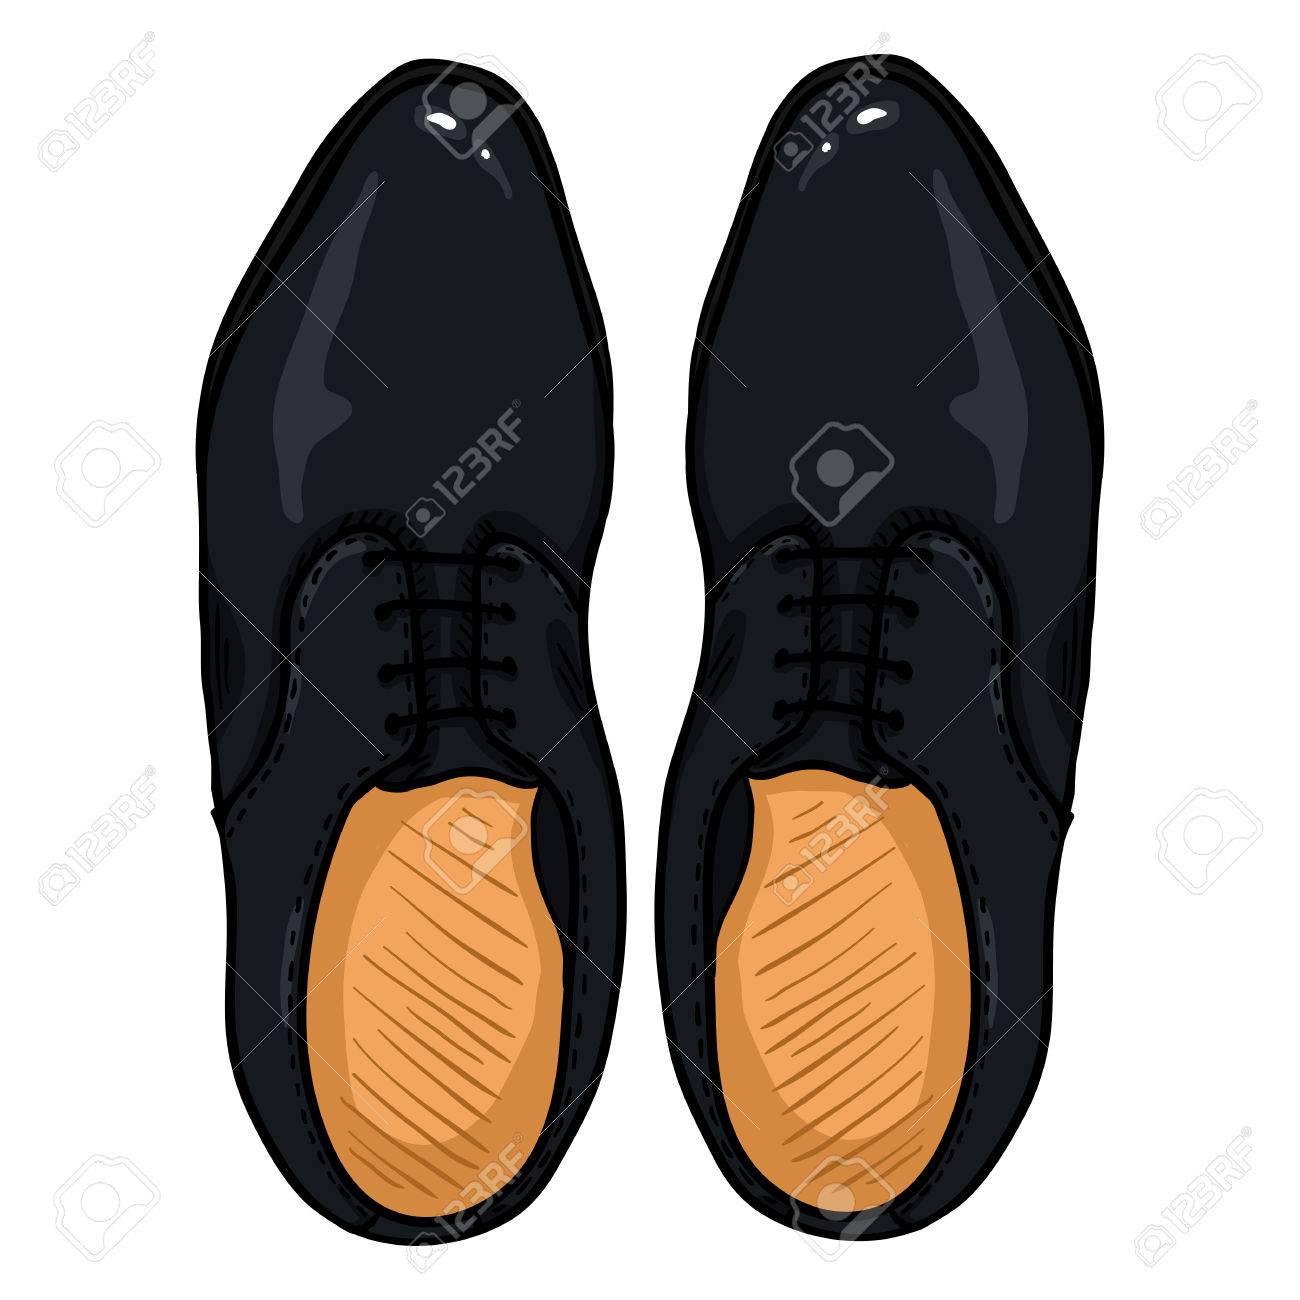 Zapatos Ilustración Vector Superior Negro Animados Hombres Dibujos De Par CueroVista 9IDeW2EHY